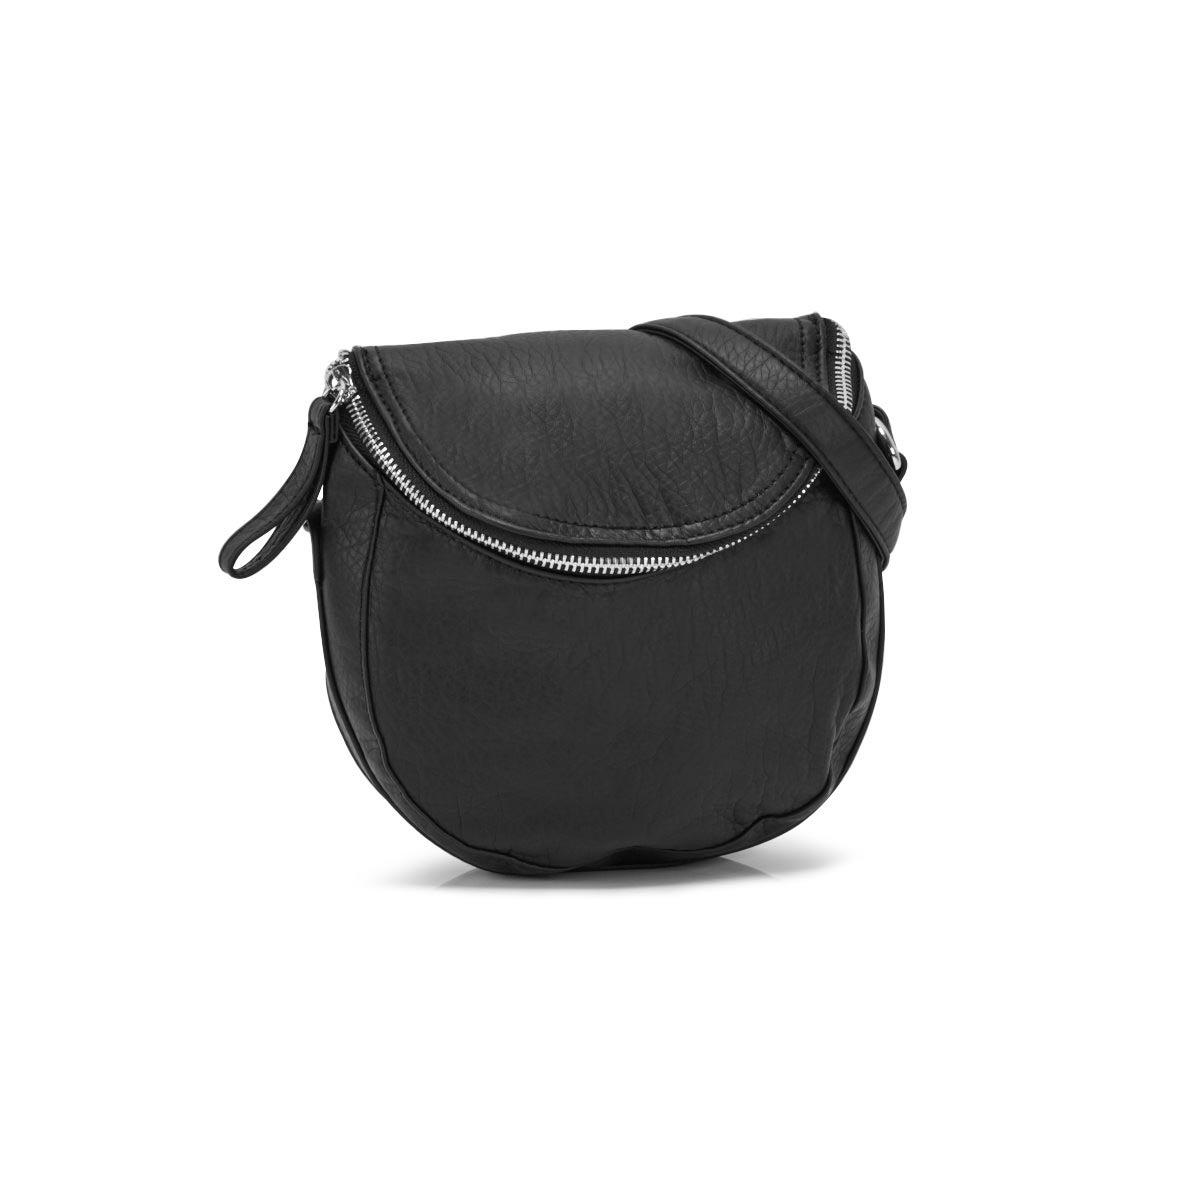 Lds blk washed vintage zip crossbody bag